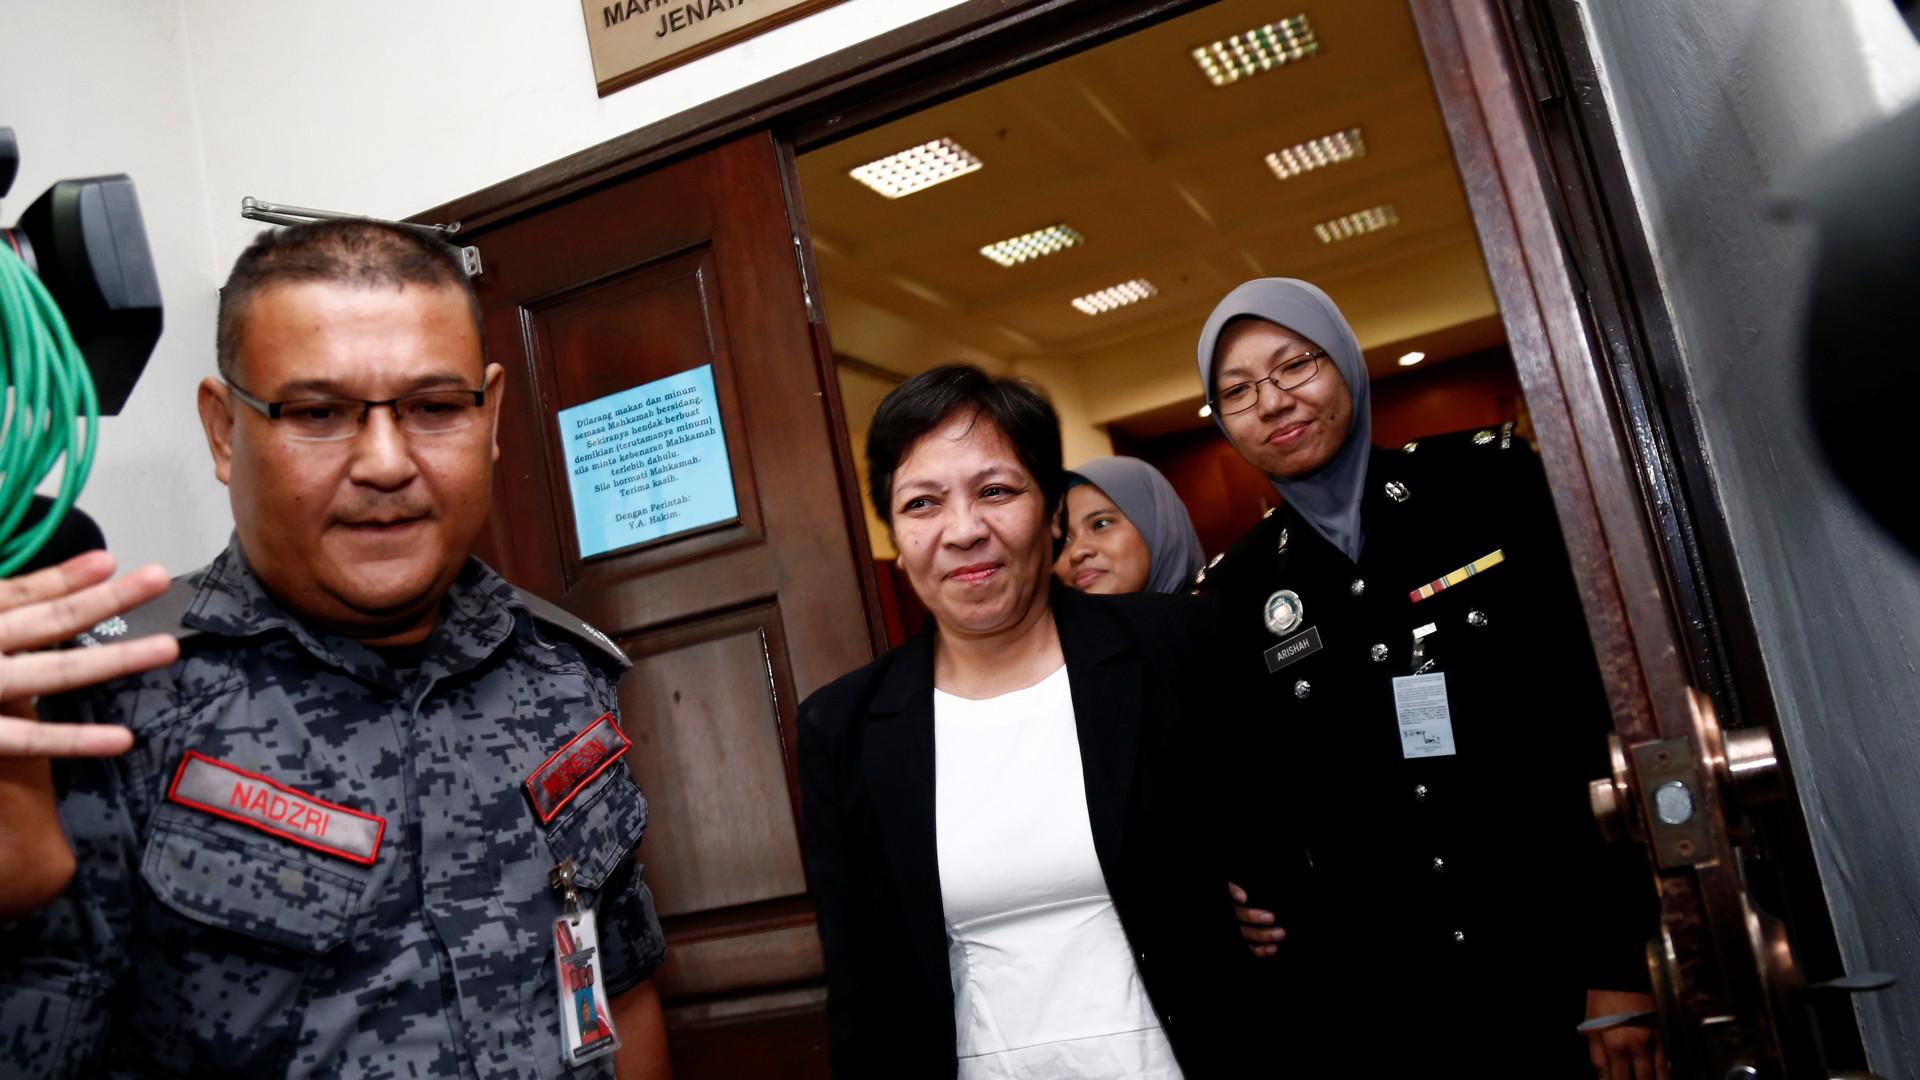 Avó australiana condenada a pena de morte na Malásia por tráfico de droga